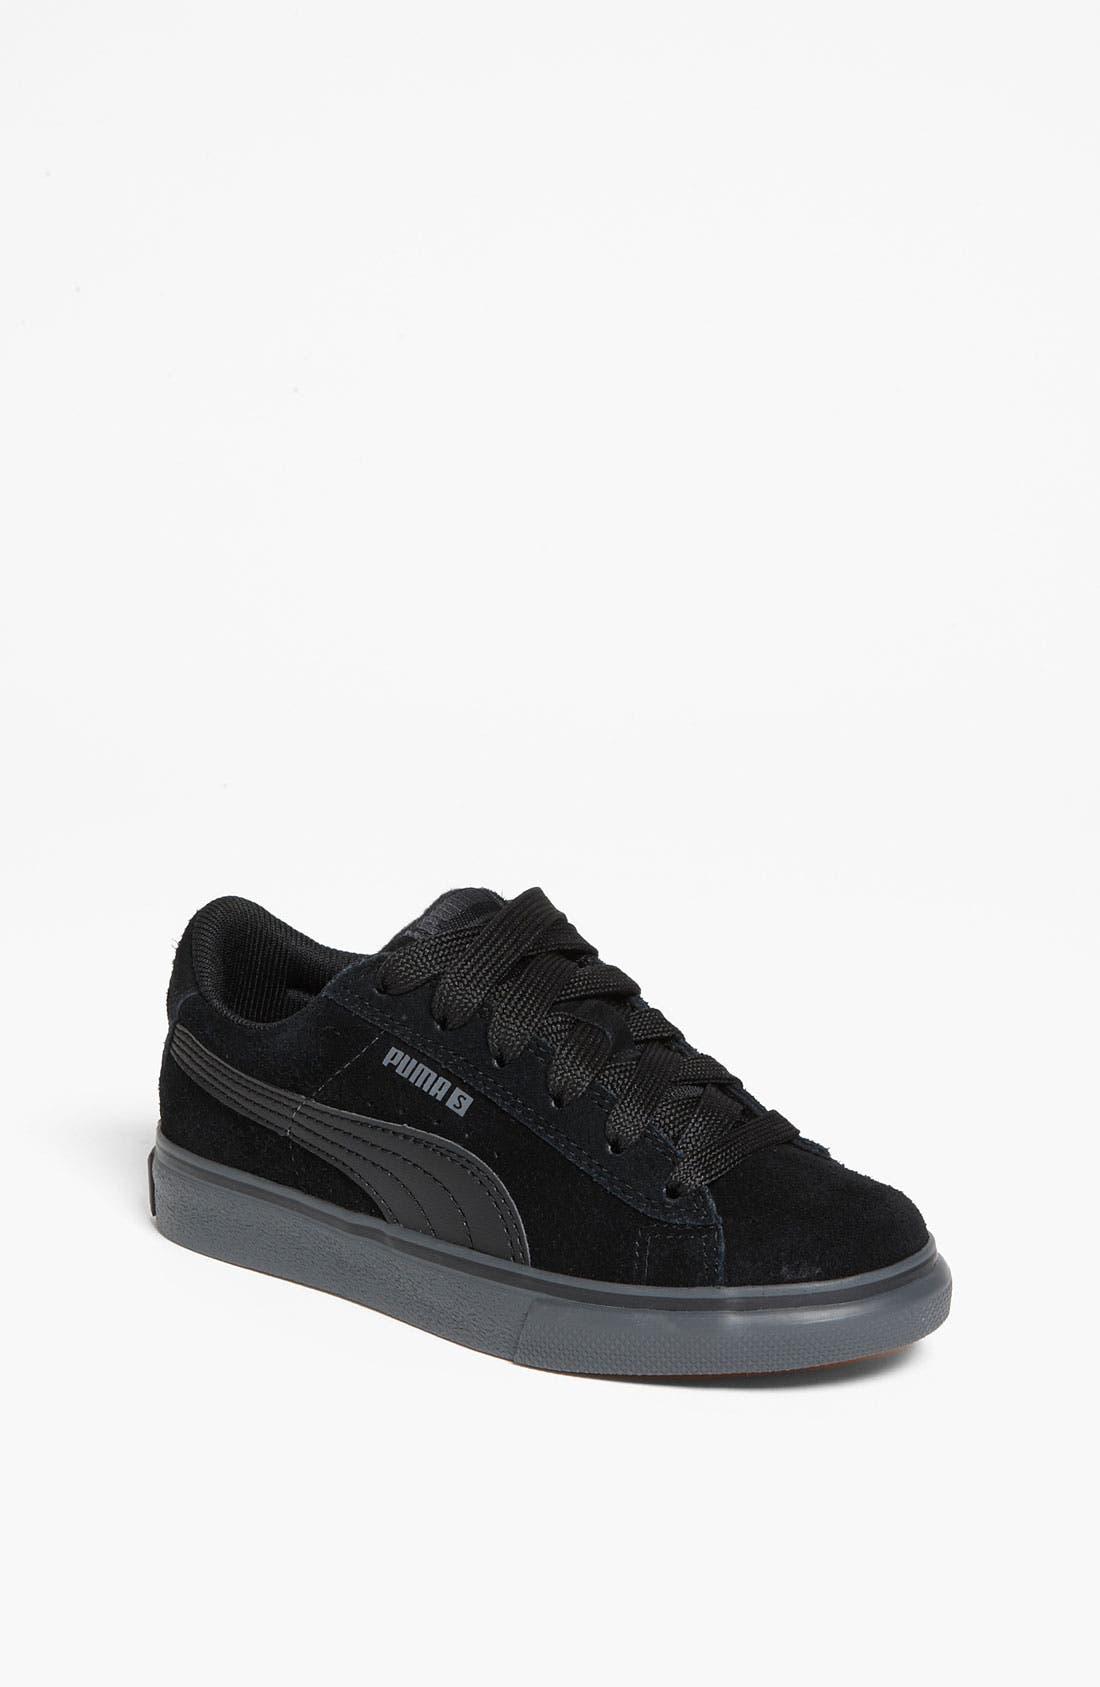 Main Image - PUMA 'S Vulc JR' Sneaker (Little Kid & Big Kid)